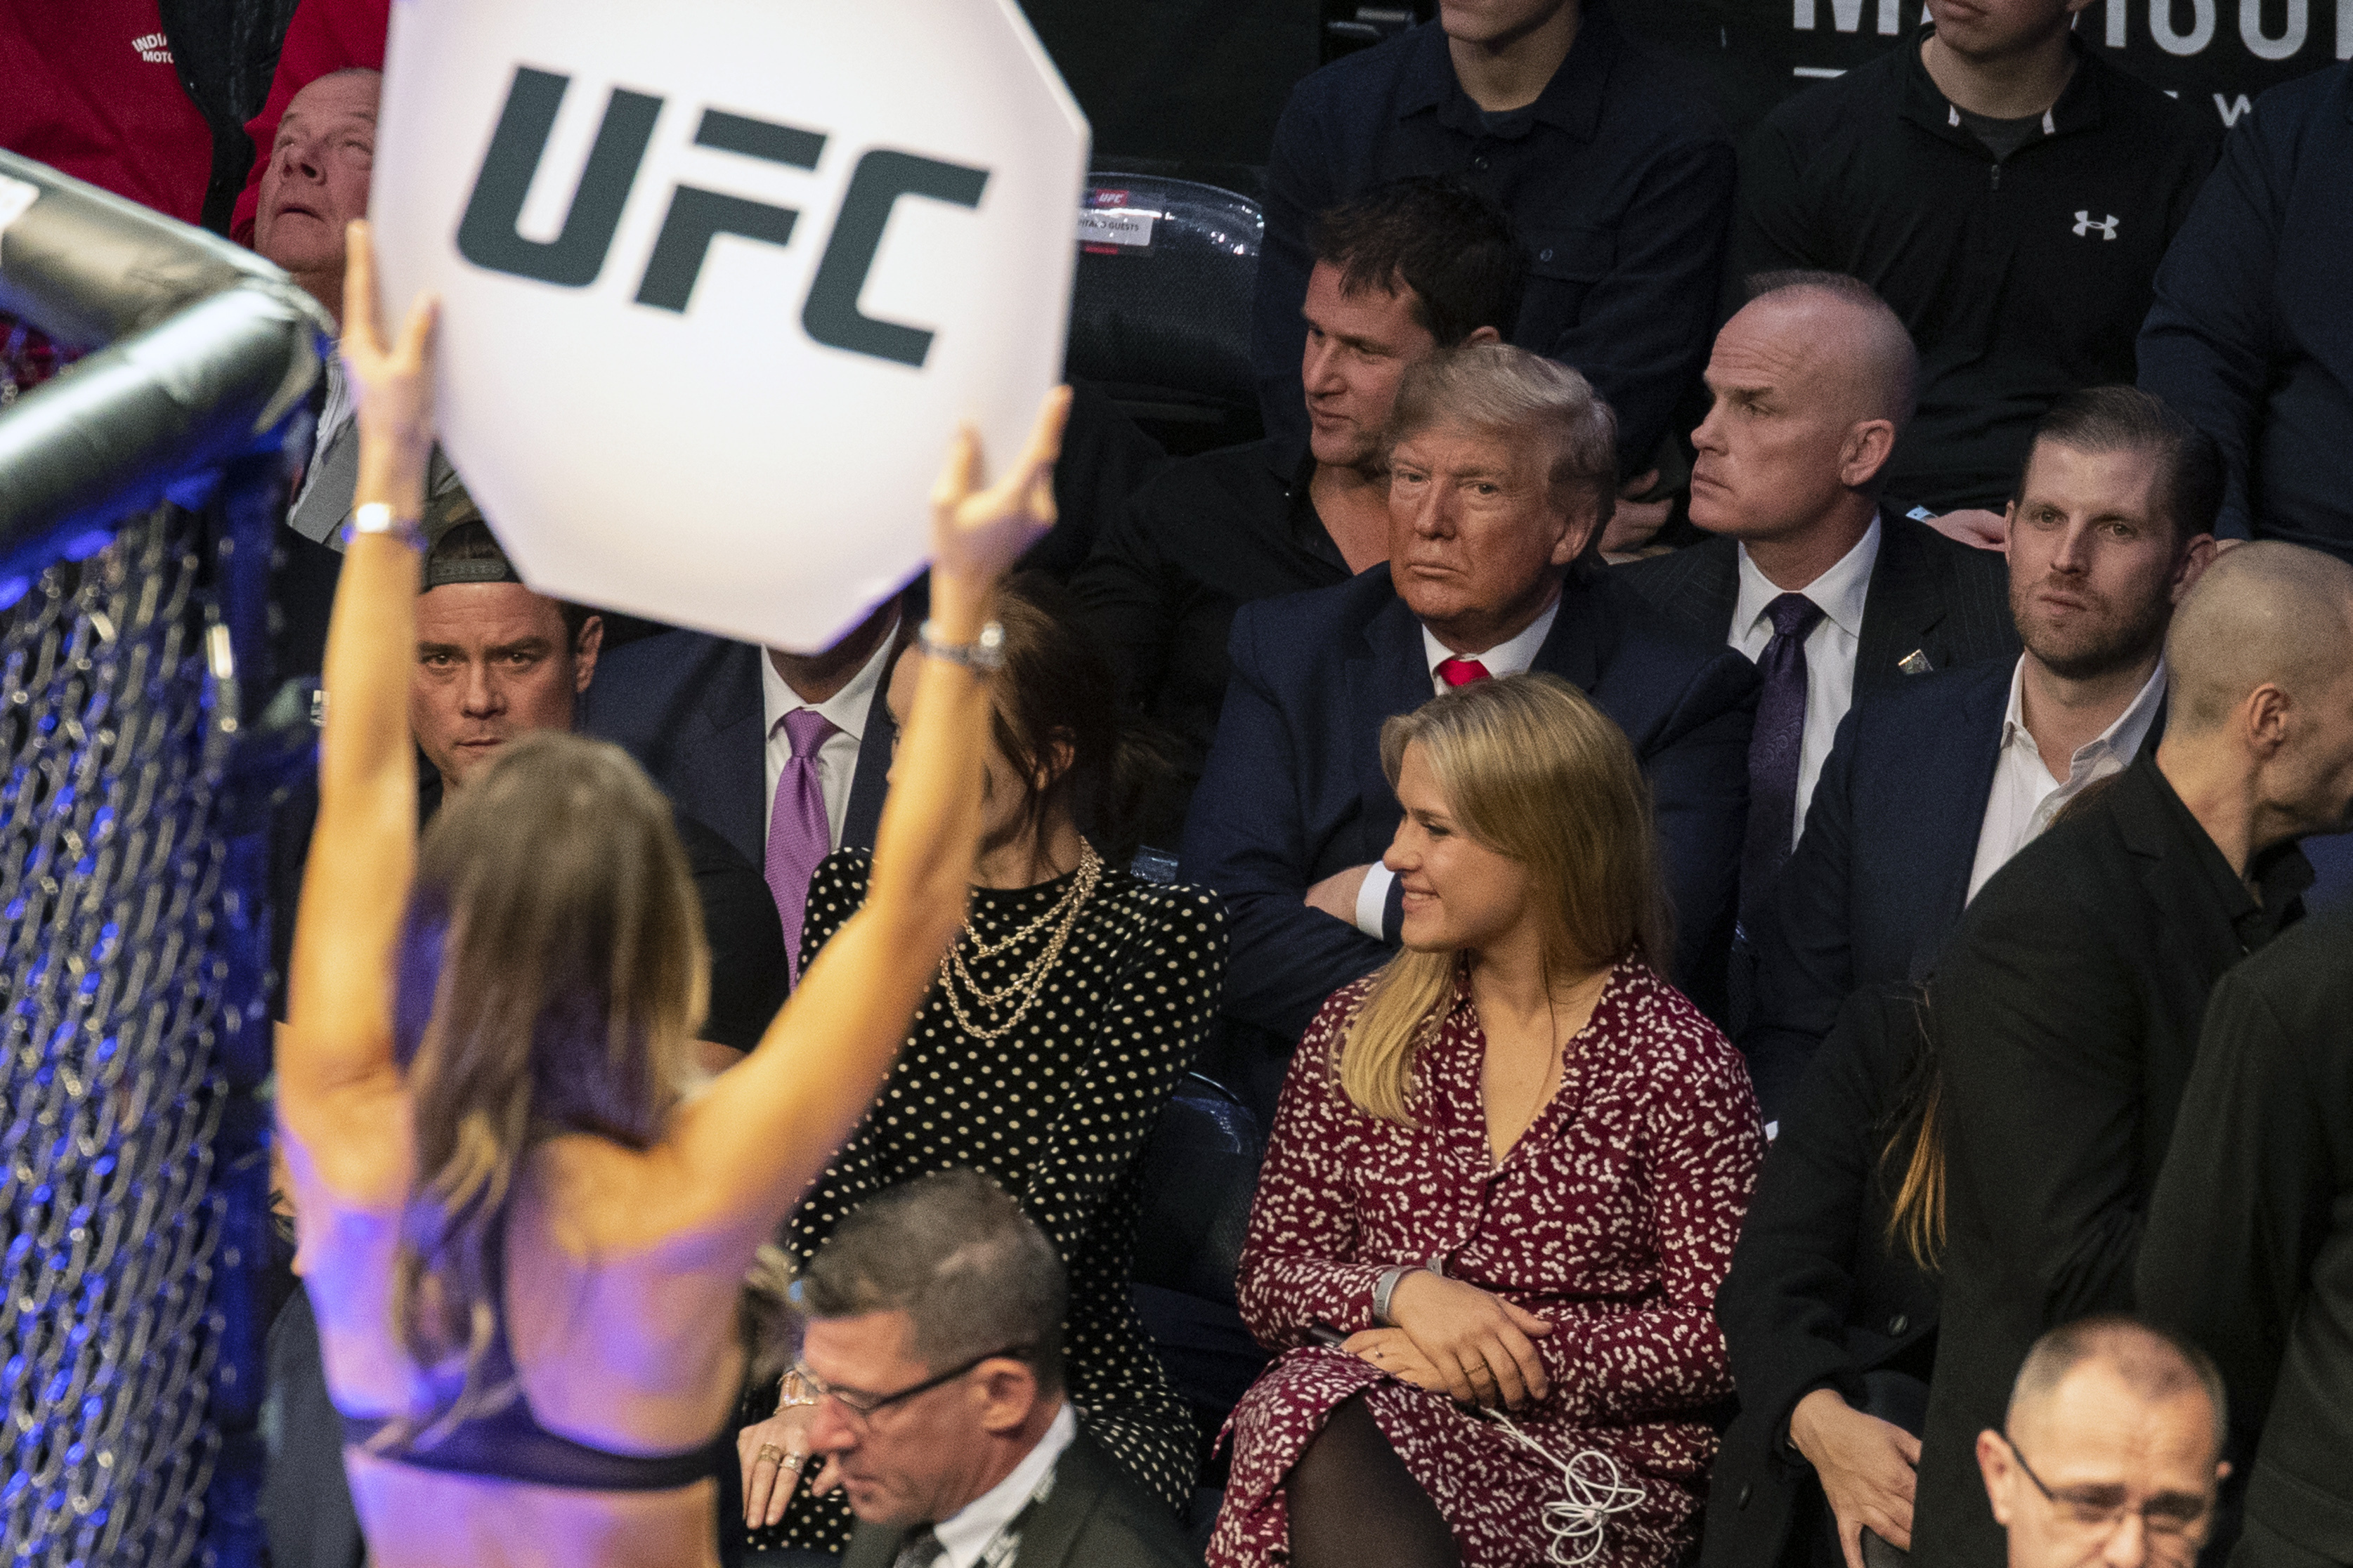 Sokan fújolással köszöntötték Trumpot a UFC New York-i gáláján